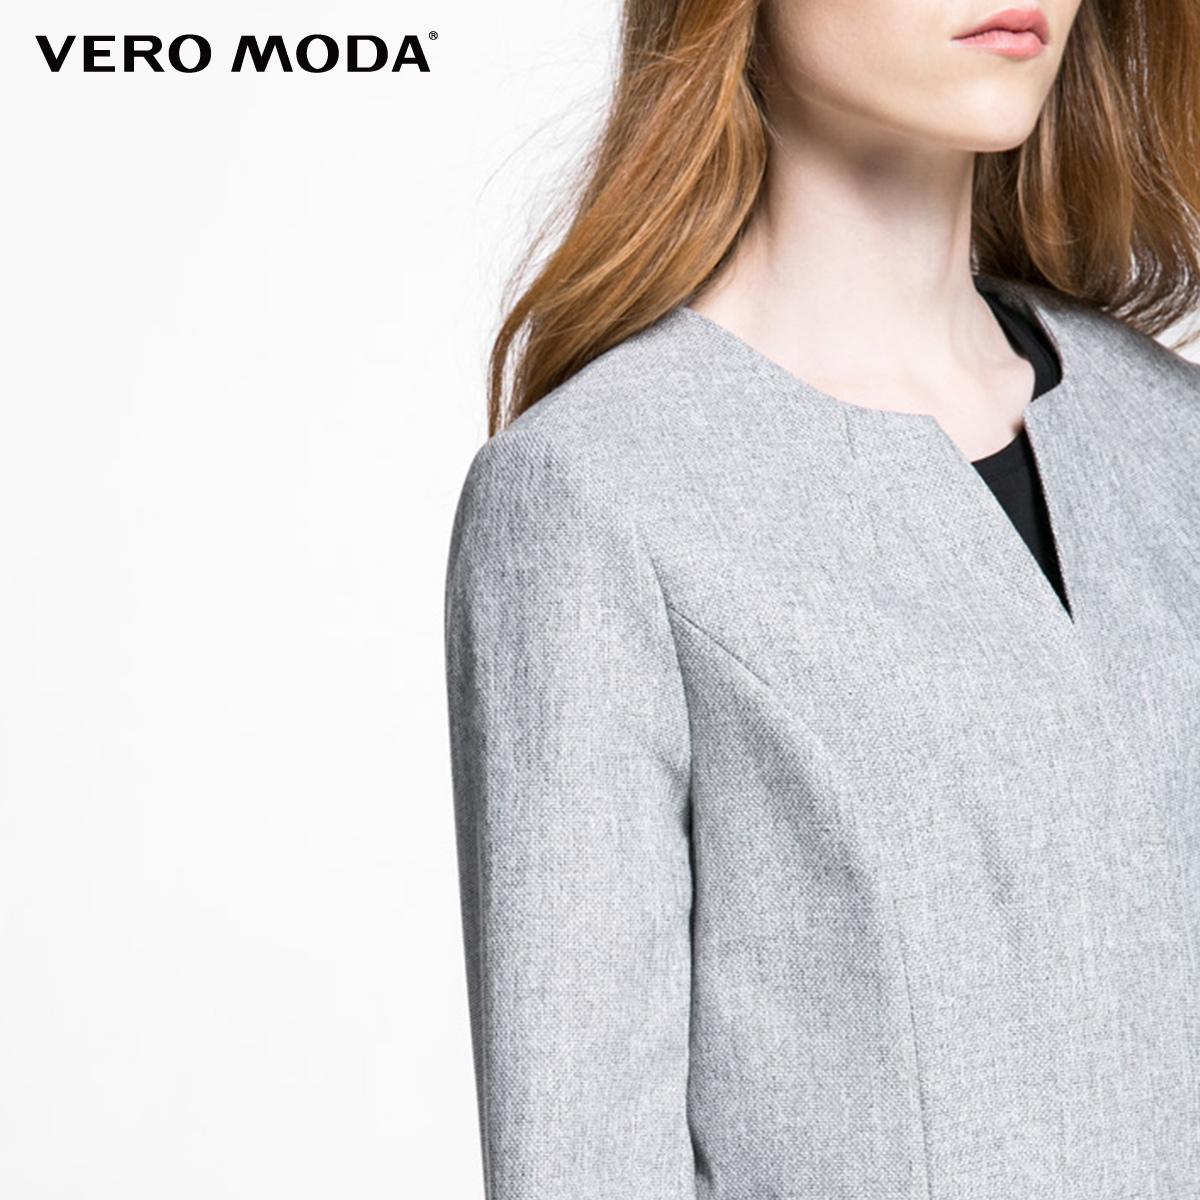 VeroModa hoa dệt vòng cổ cửa tối 襟 thẳng dài áo gió -316321519